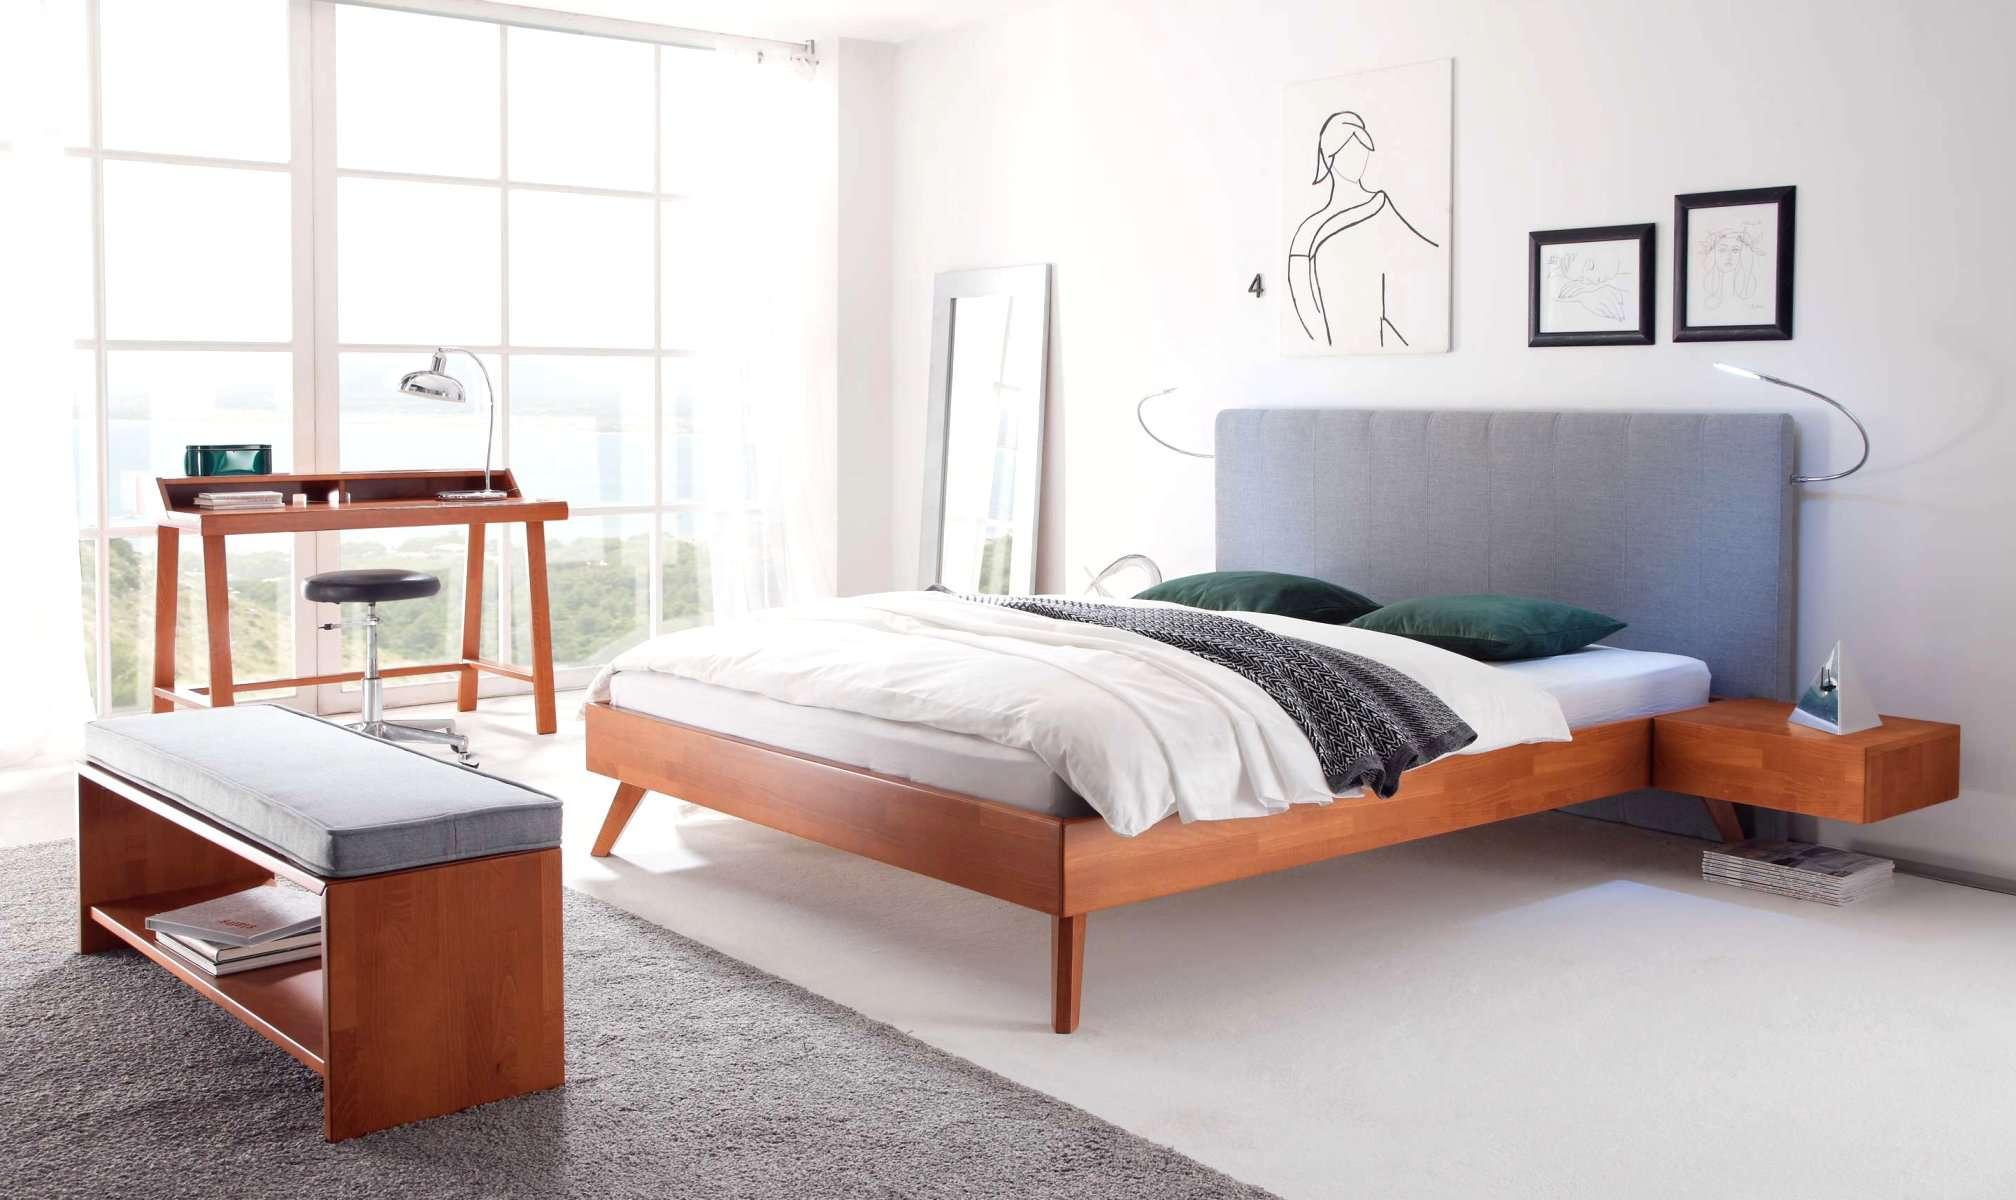 Full Size of Woodline Classic Lenno Kopfteil Colina L 140 200 220 Meise Betten Luxus Runde Schlafzimmer Französische Jensen Köln Schöne Günstig Kaufen Jabo Hohe Poco Bett Jabo Betten